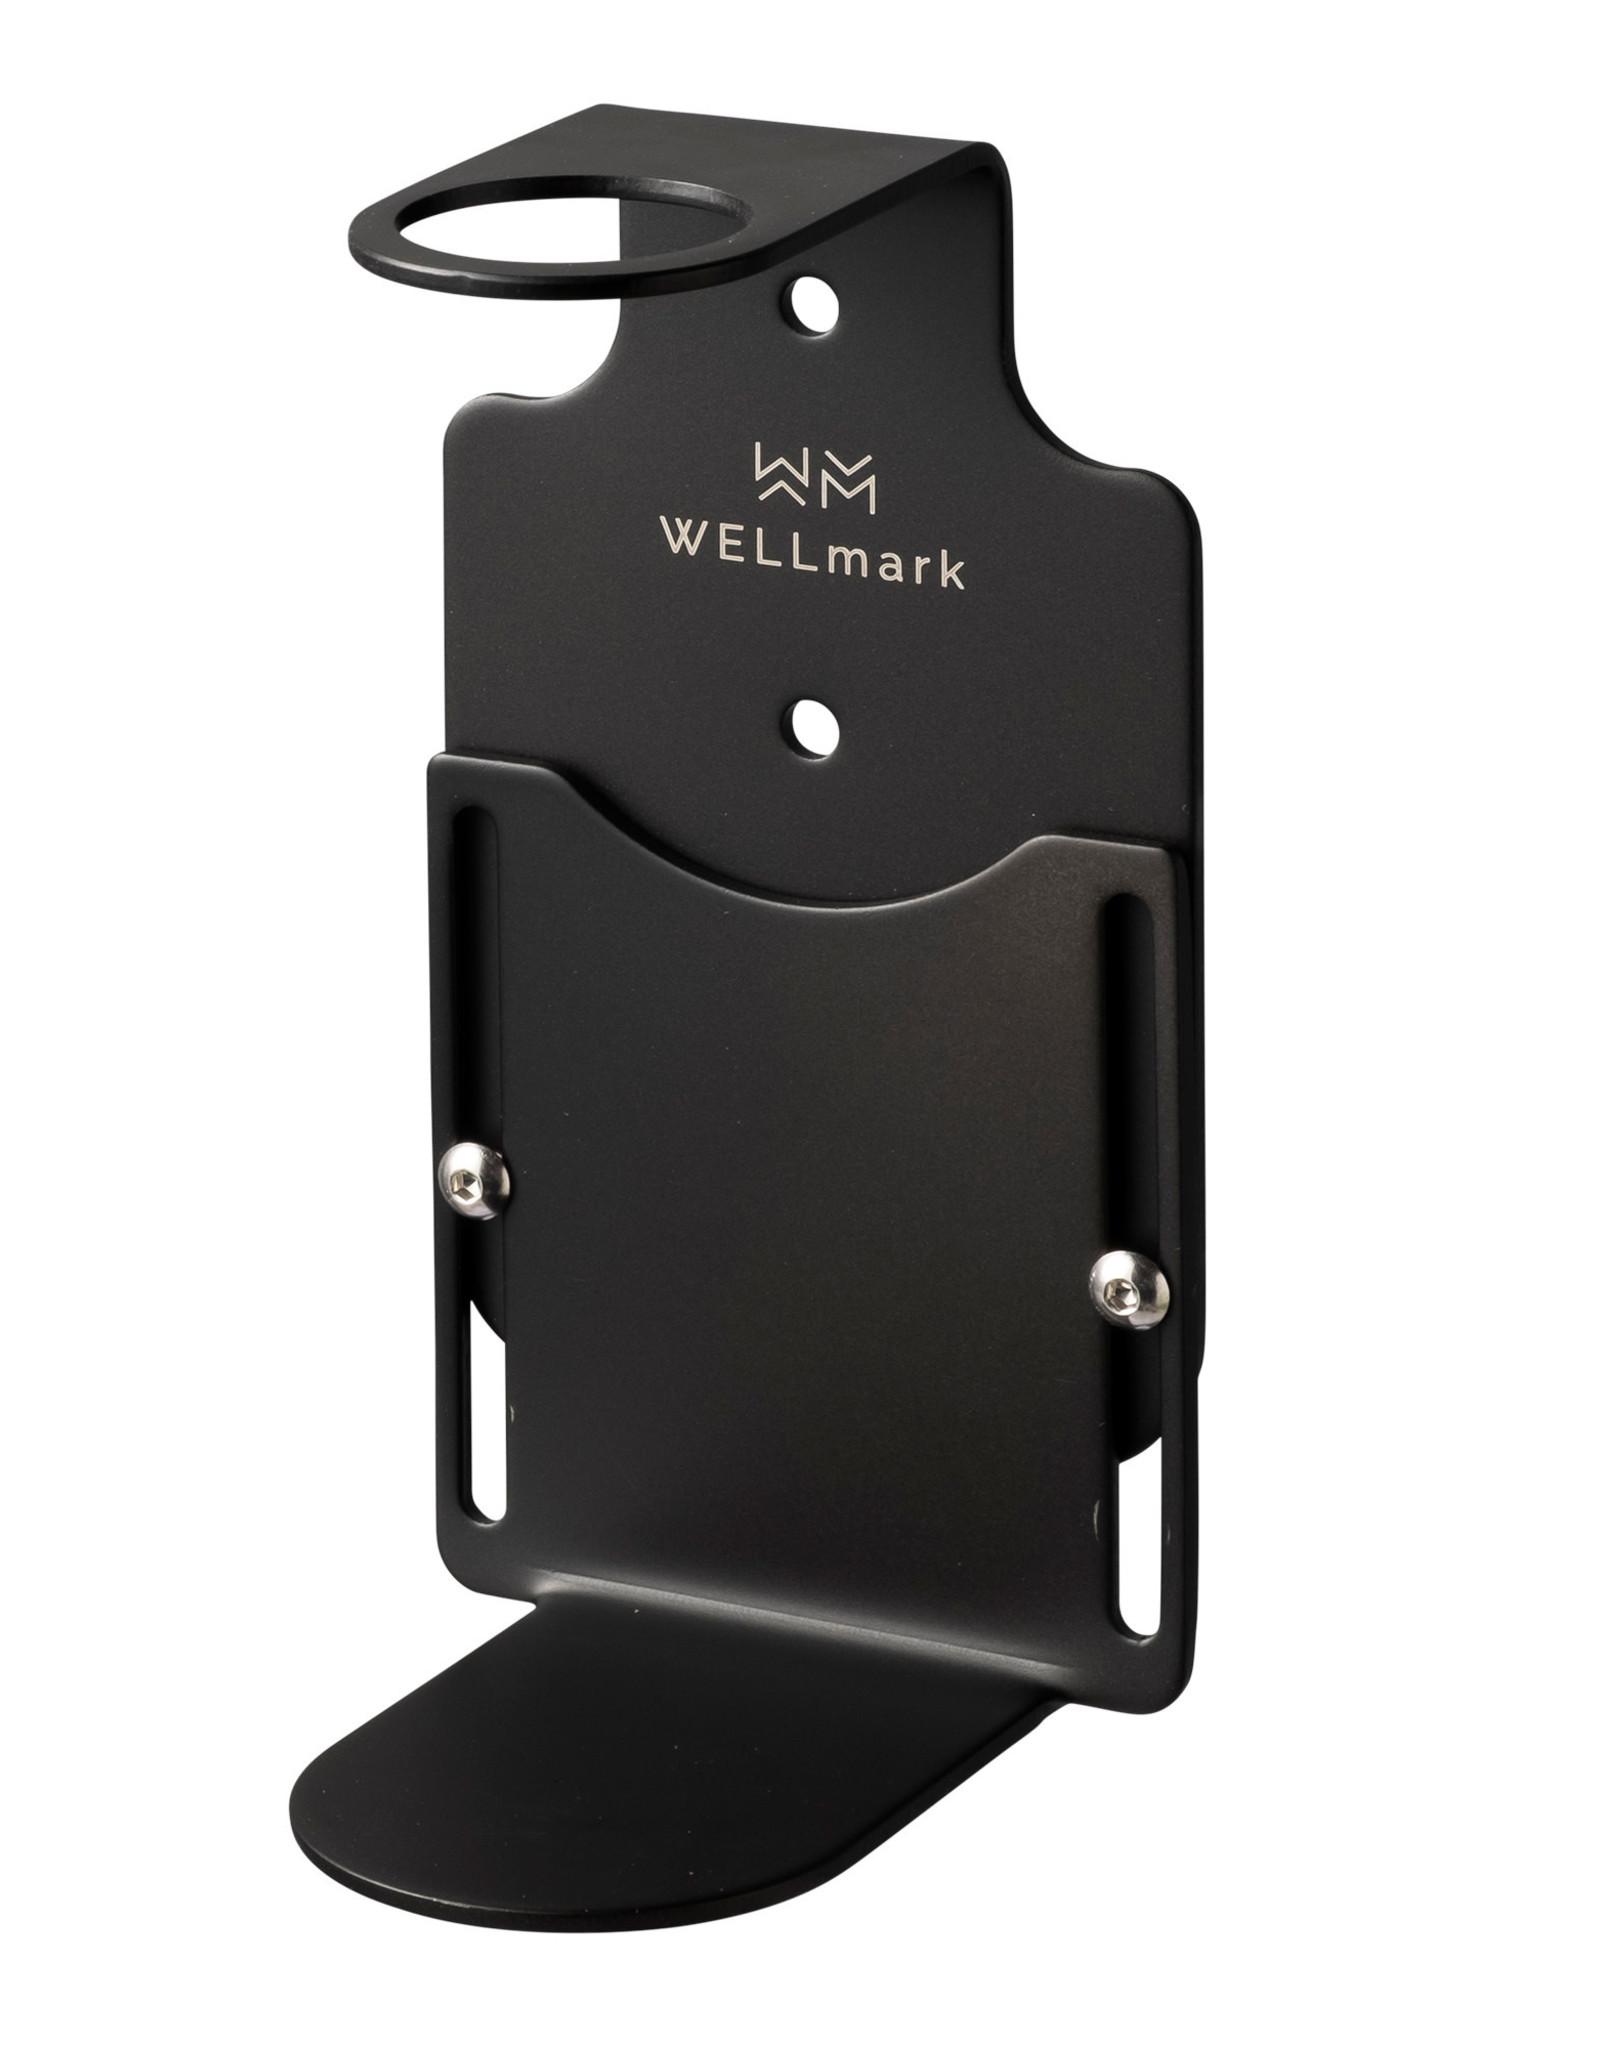 Wellmark Zeeppomphouder - Zwart